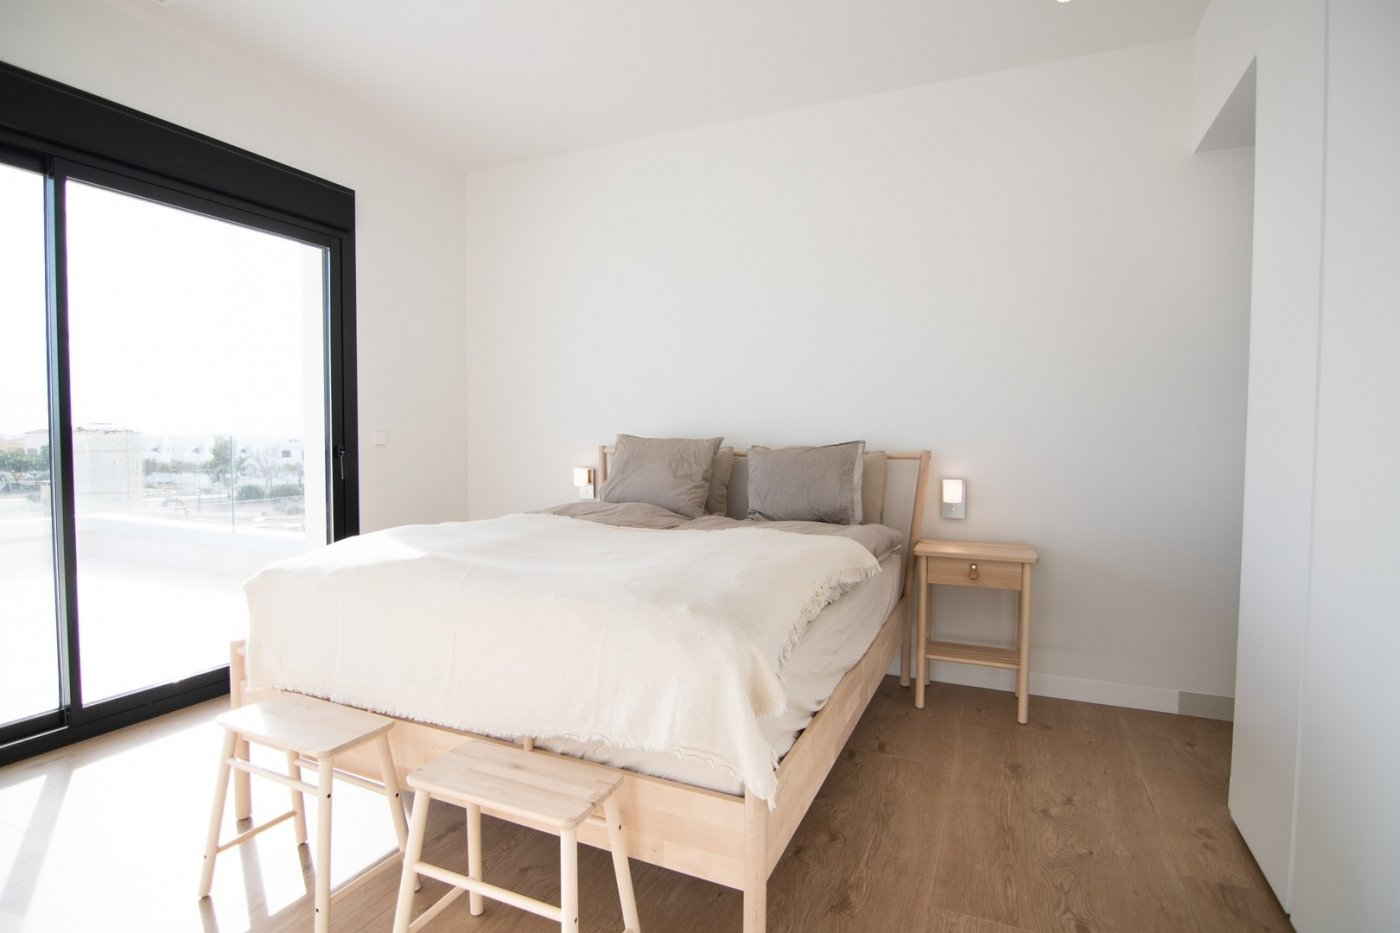 Modernas villas de obra nueva en los montesinos !!! - imagenInmueble10